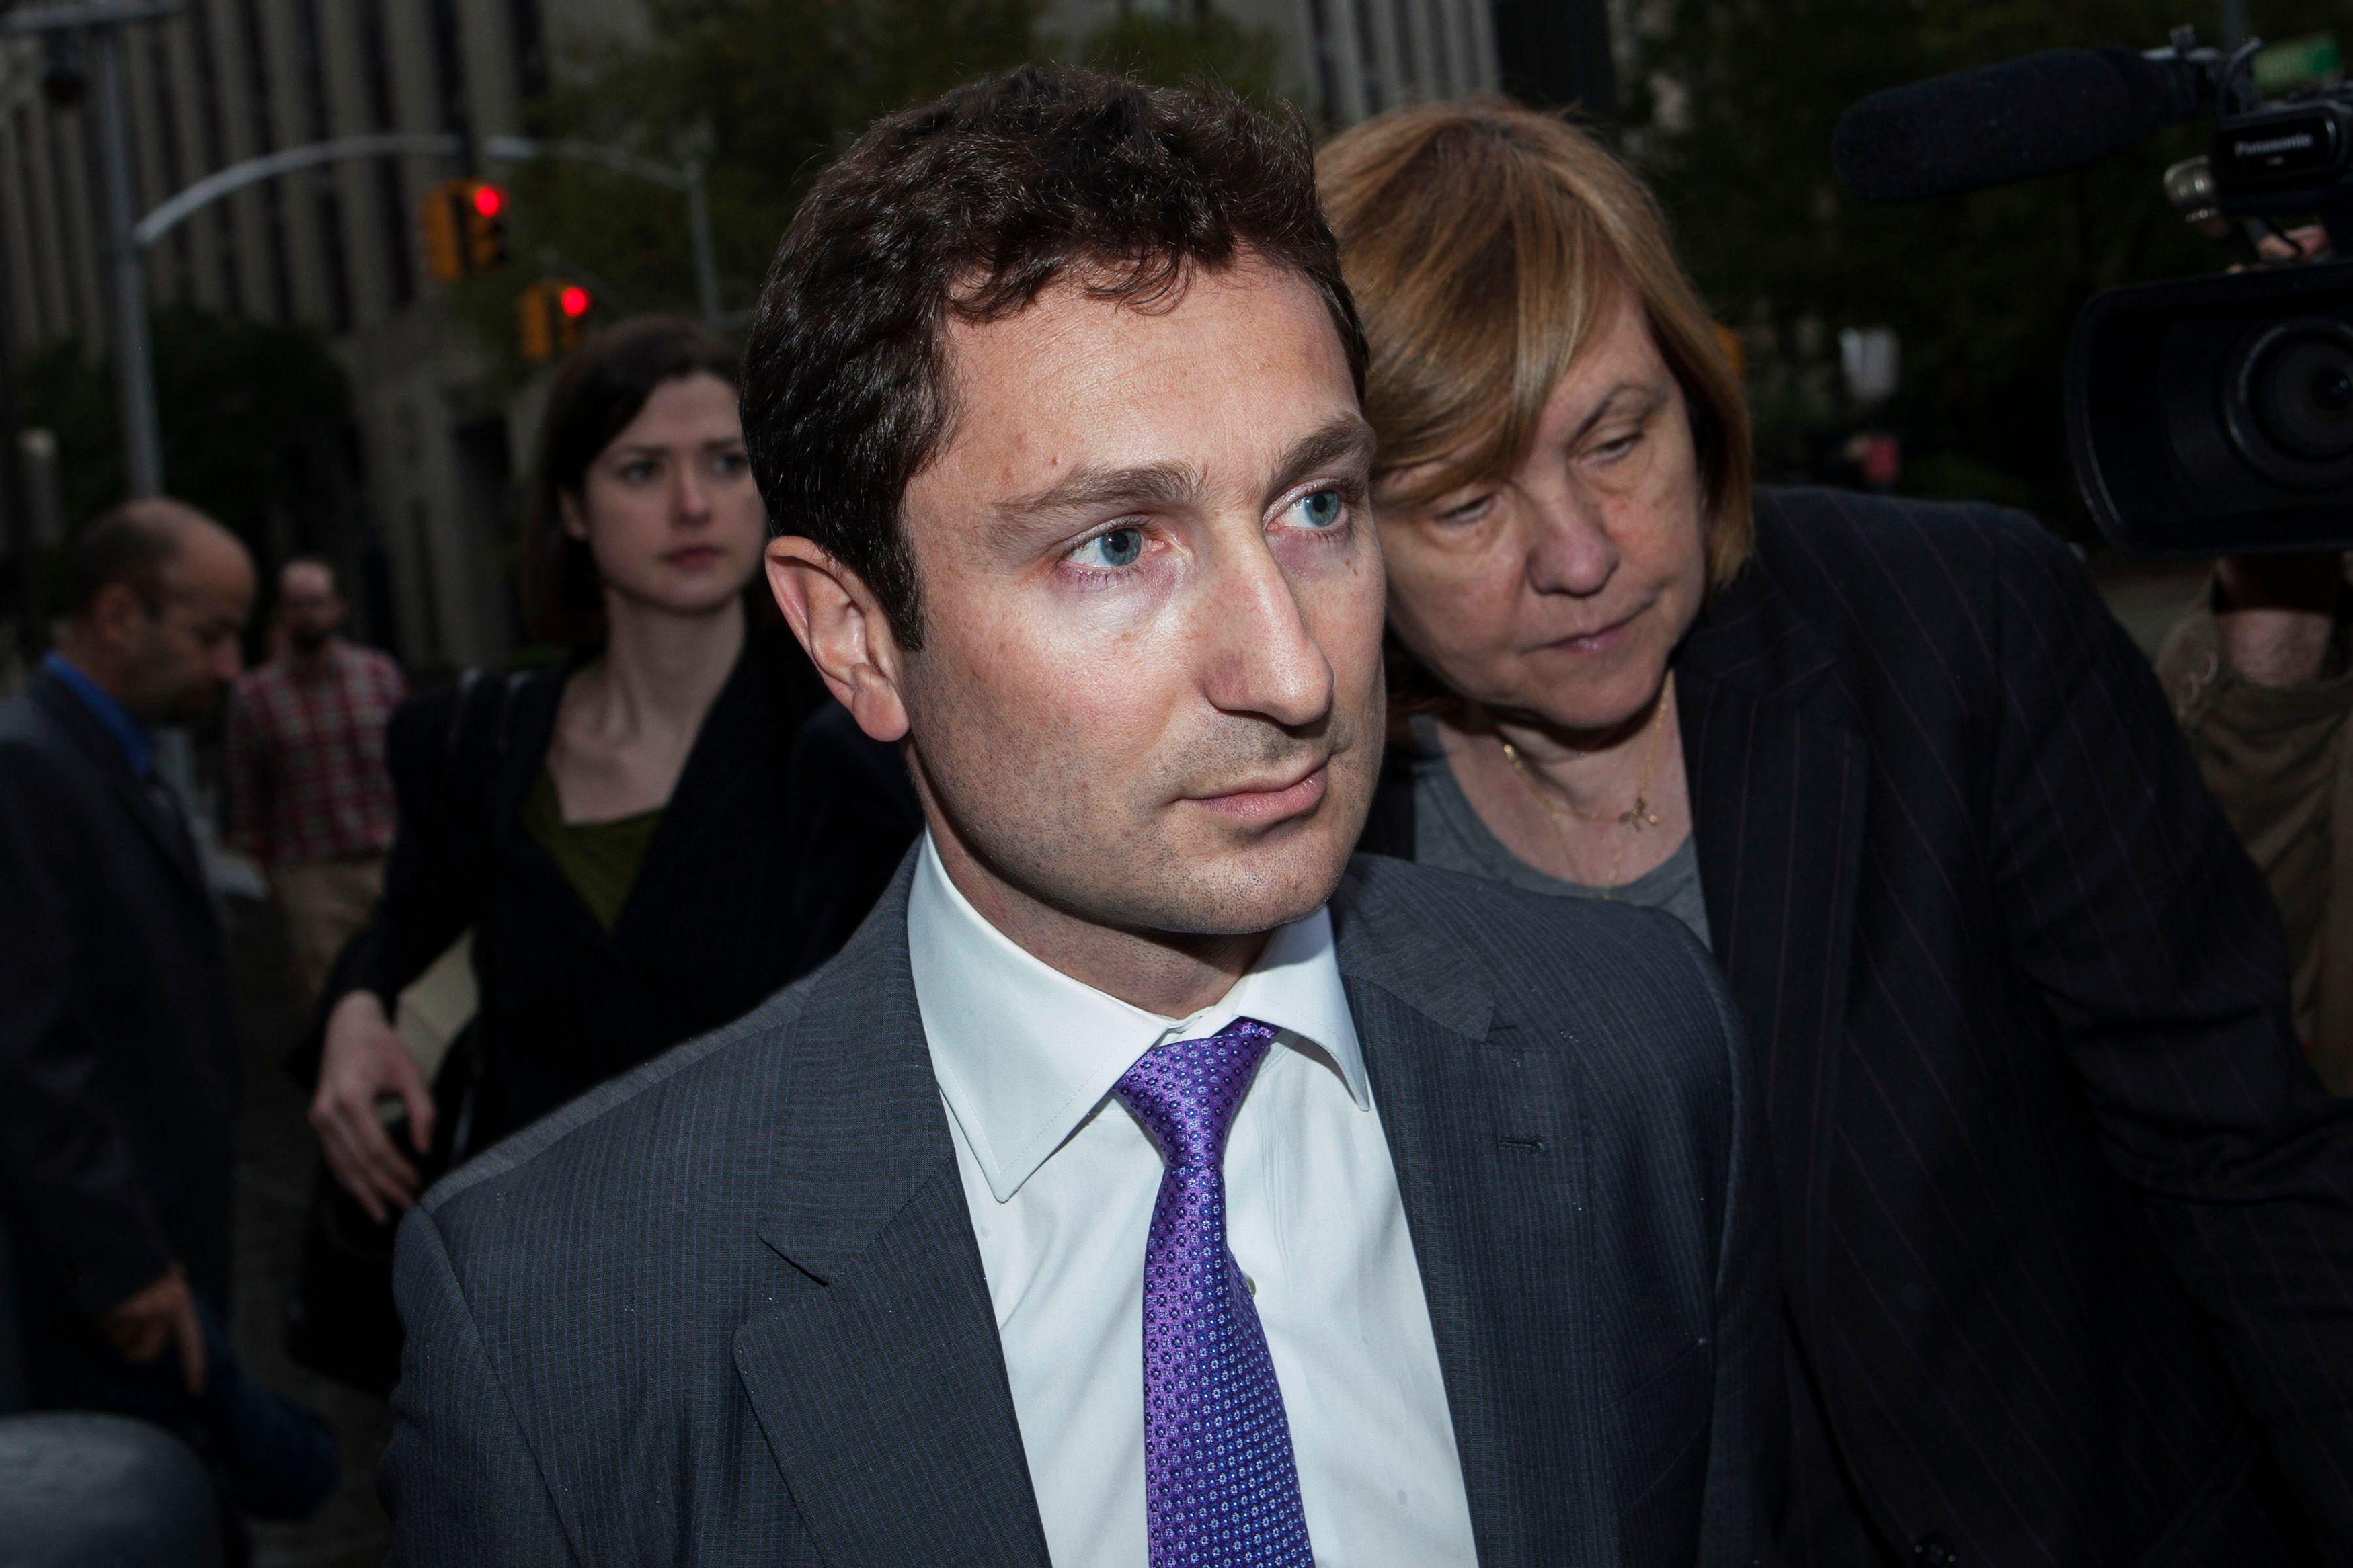 Directeur exécutif au sein de Goldman Sachs et responsable des produits dérivés pour l'Europe, le Moyen-Orient et l'Afrique, Greg Smith a démissionné avec fracas de la célèbre banque d'affaires.